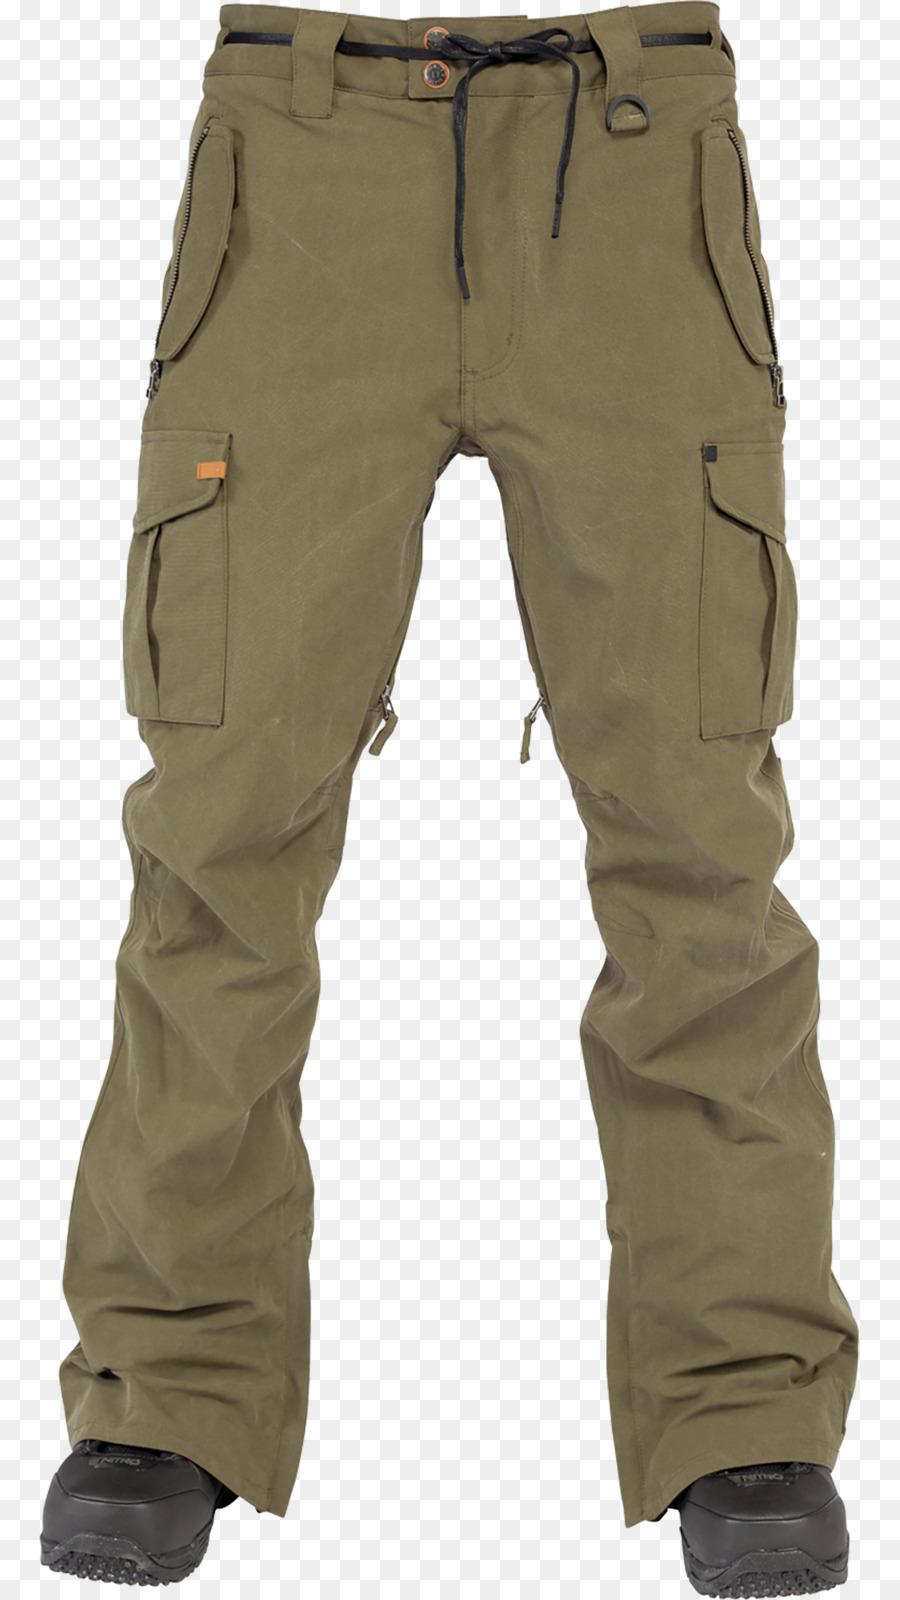 Cargo Pants Clothing Clip Art - Cargo-Cargo pants Clothing Clip art - cargo-3